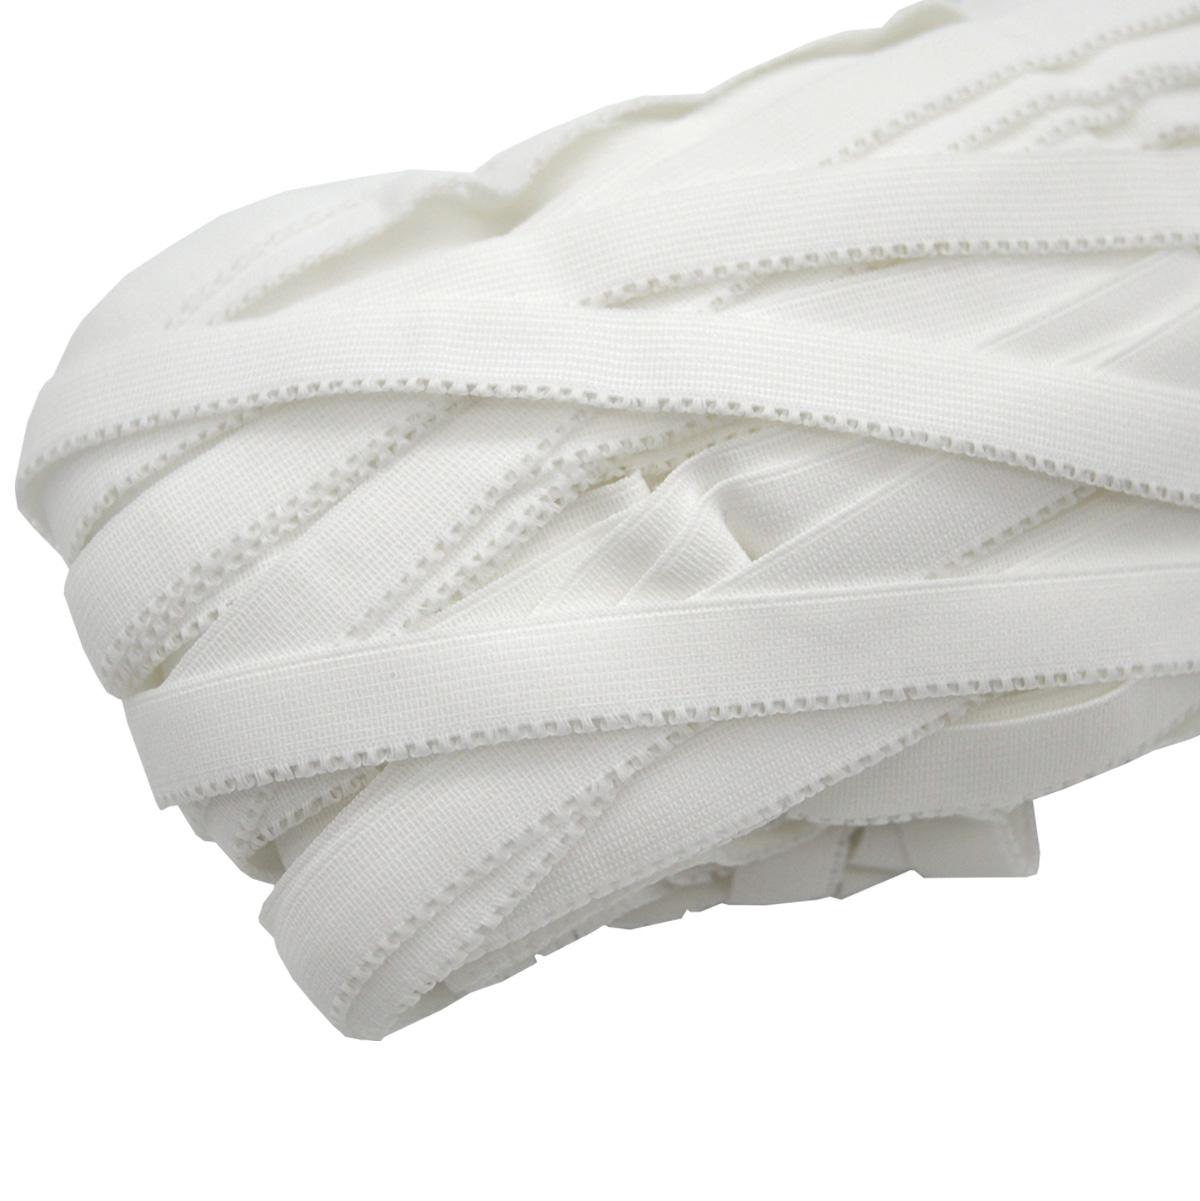 ST/18 эластичная ажурная лента 12мм*50м, белый